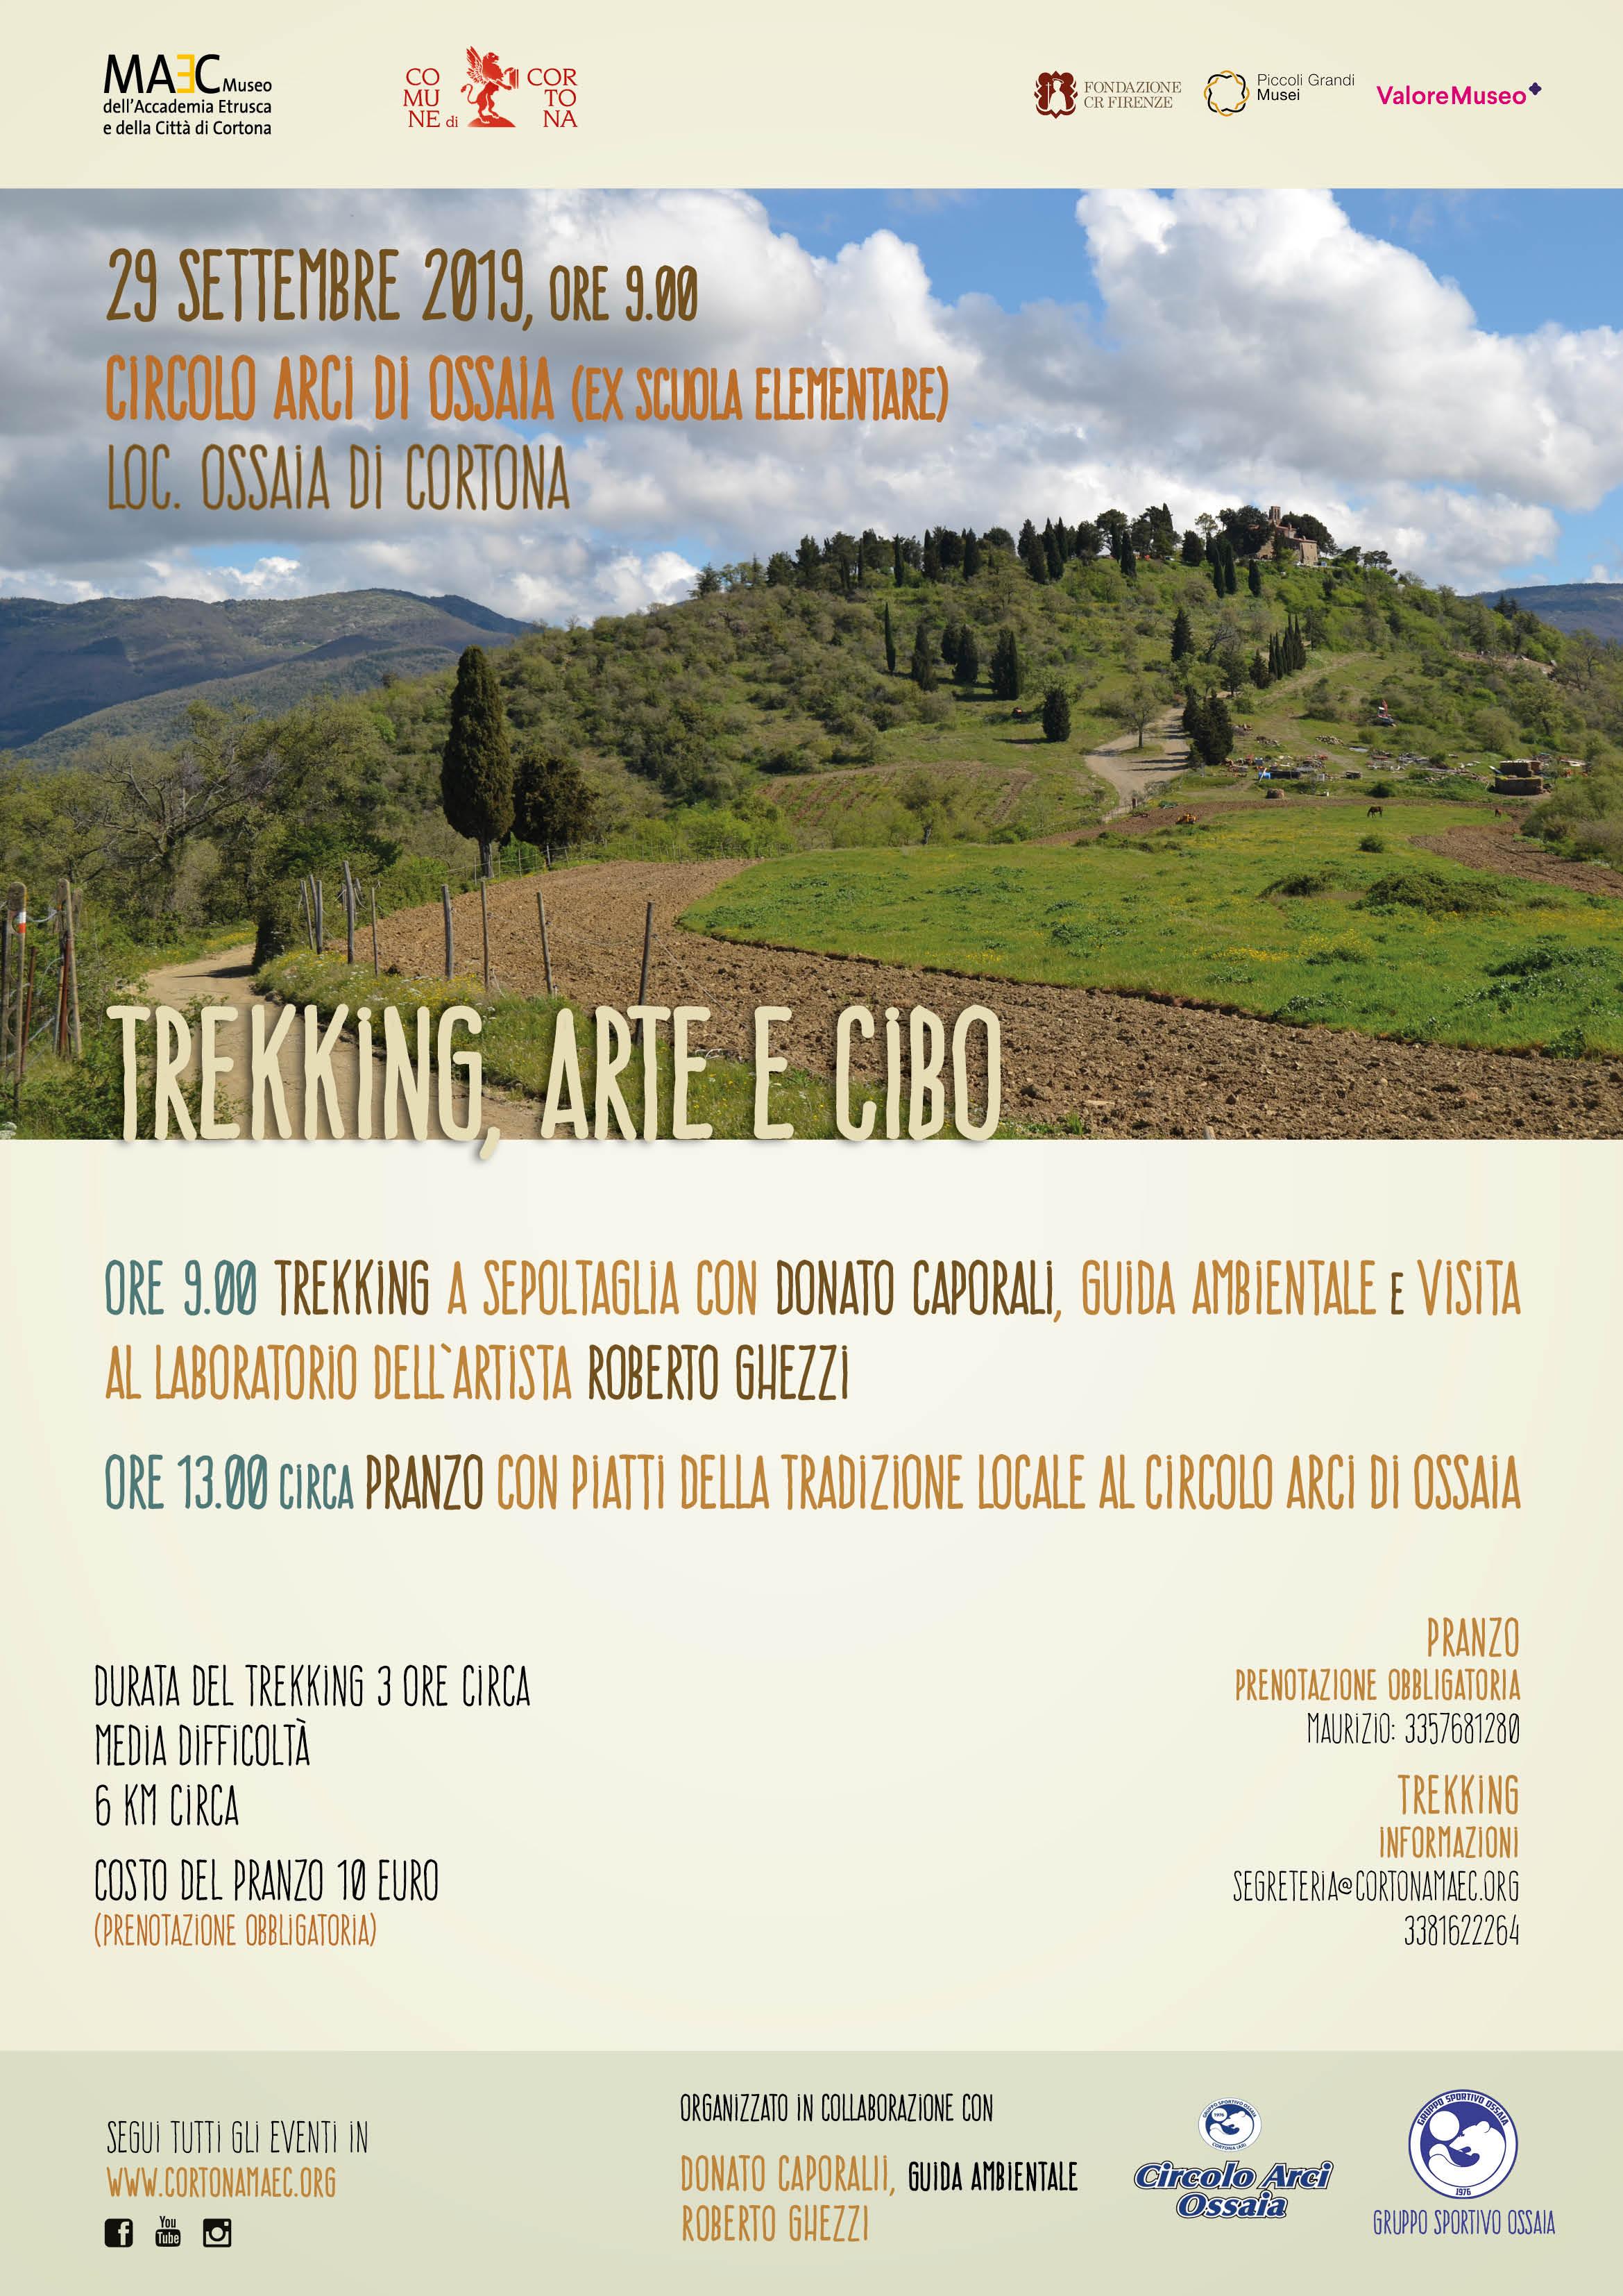 trekking arte e cibo